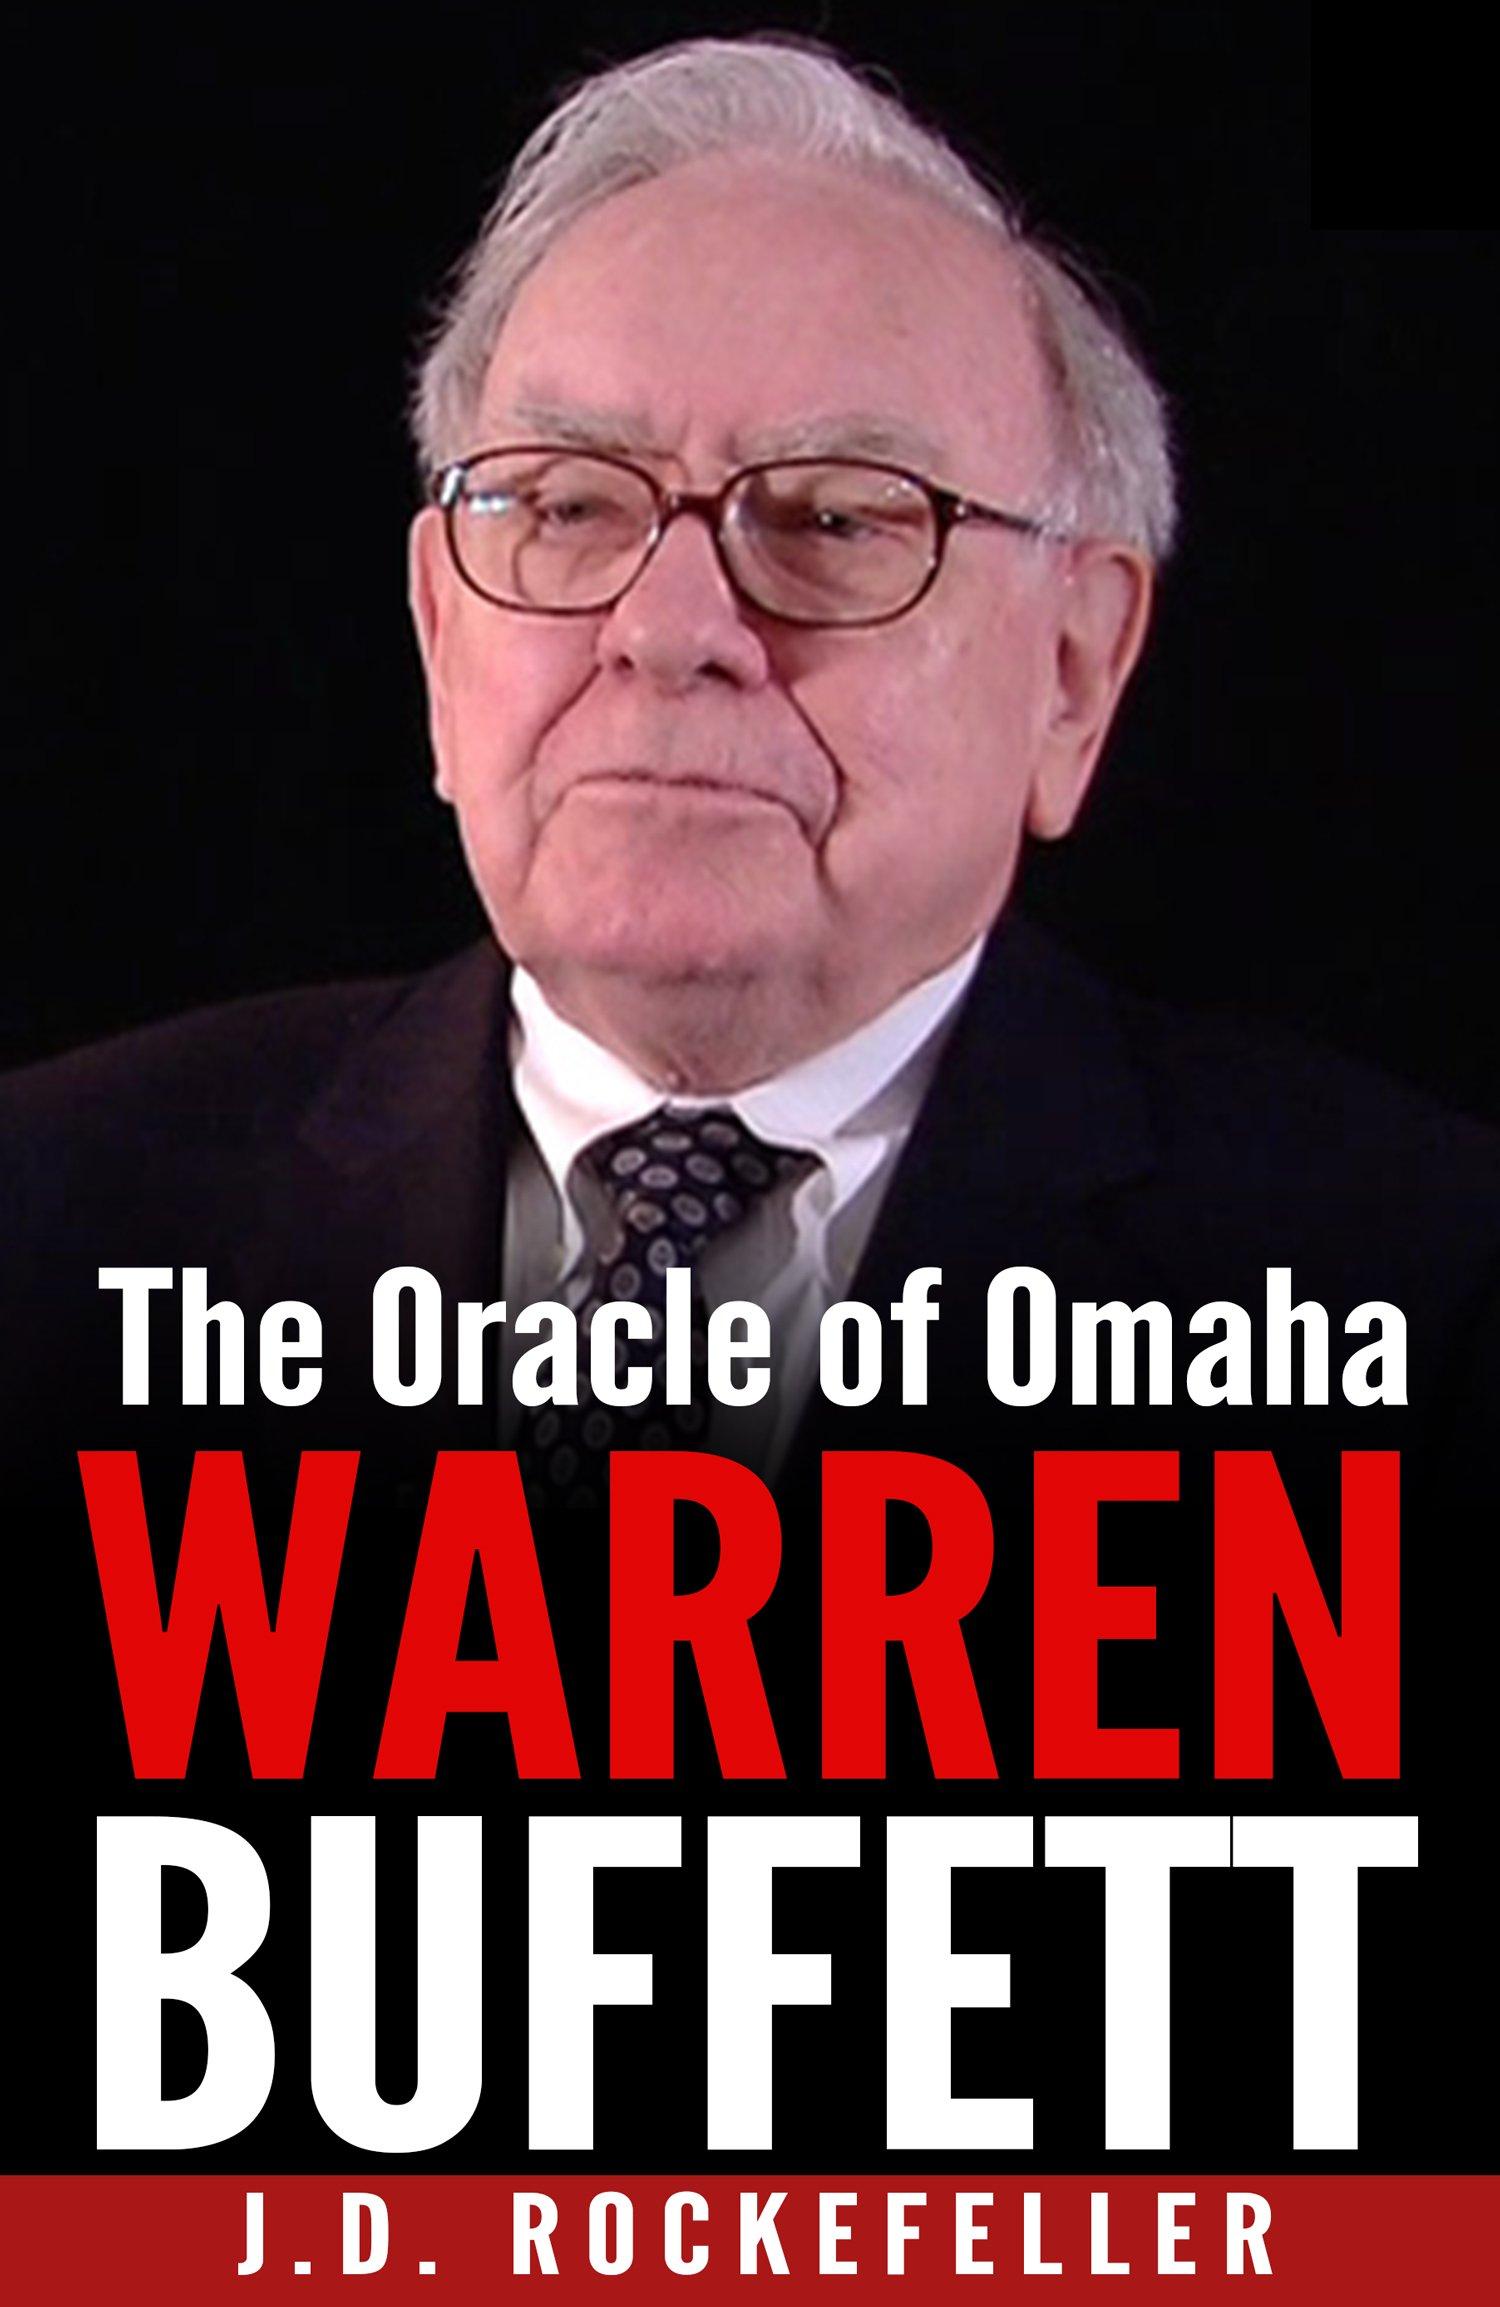 Warren Buffett: The Oracle of Omaha (J.D. Rockefeller's Book Club)